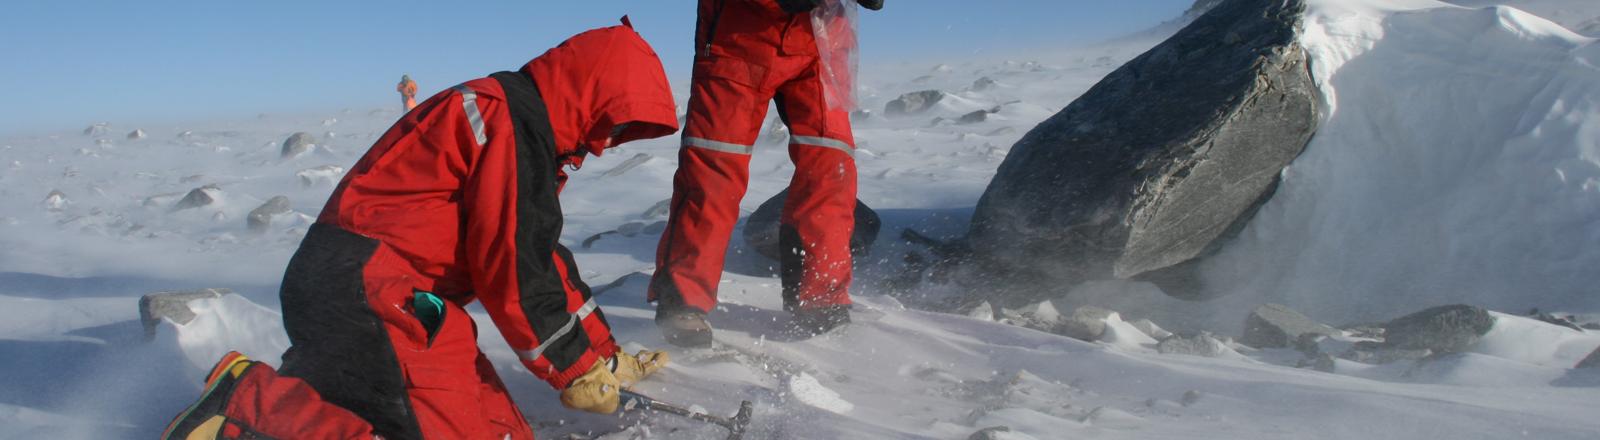 Zwei Geowissenschaftler entnehmen am 25.01.2012 an einer der letzten Gletschermoränen vor dem Polarplateau im südwestlichen Sør Rondane in der Antarktis Gletschereis für spätere Analyse im Labor.